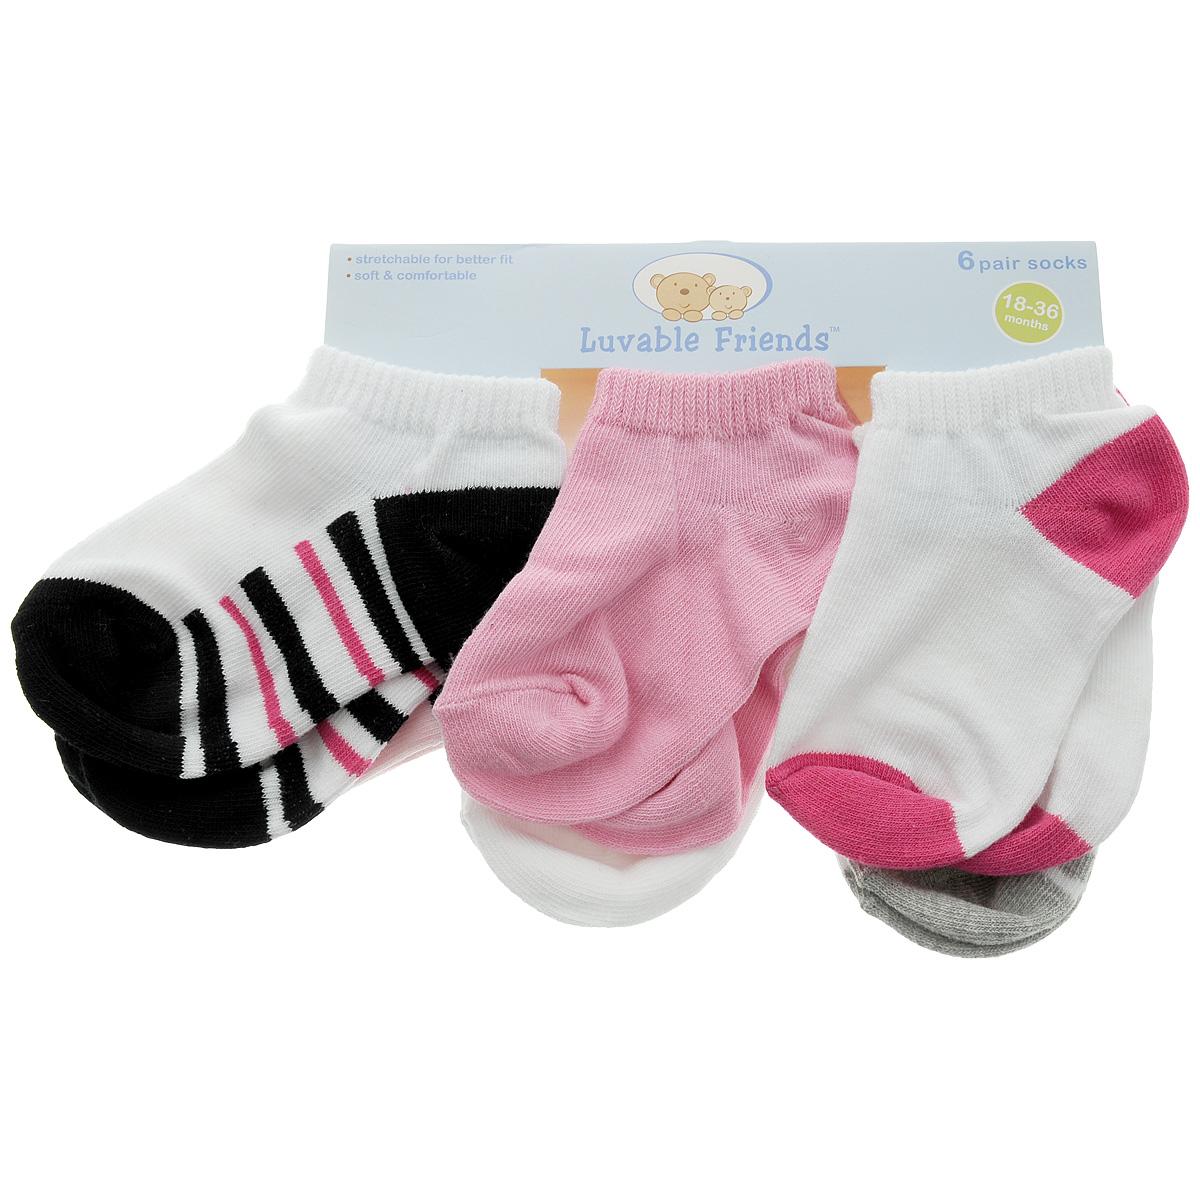 Носки26090Комфортные, прочные и красивые детские носки Luvable Friends очень мягкие на ощупь, а широкая резинка плотно облегает ножку ребенка, не сдавливая ее, благодаря чему малышу будет комфортно и удобно. Комплект состоит из шести пар разноцветных носочков.